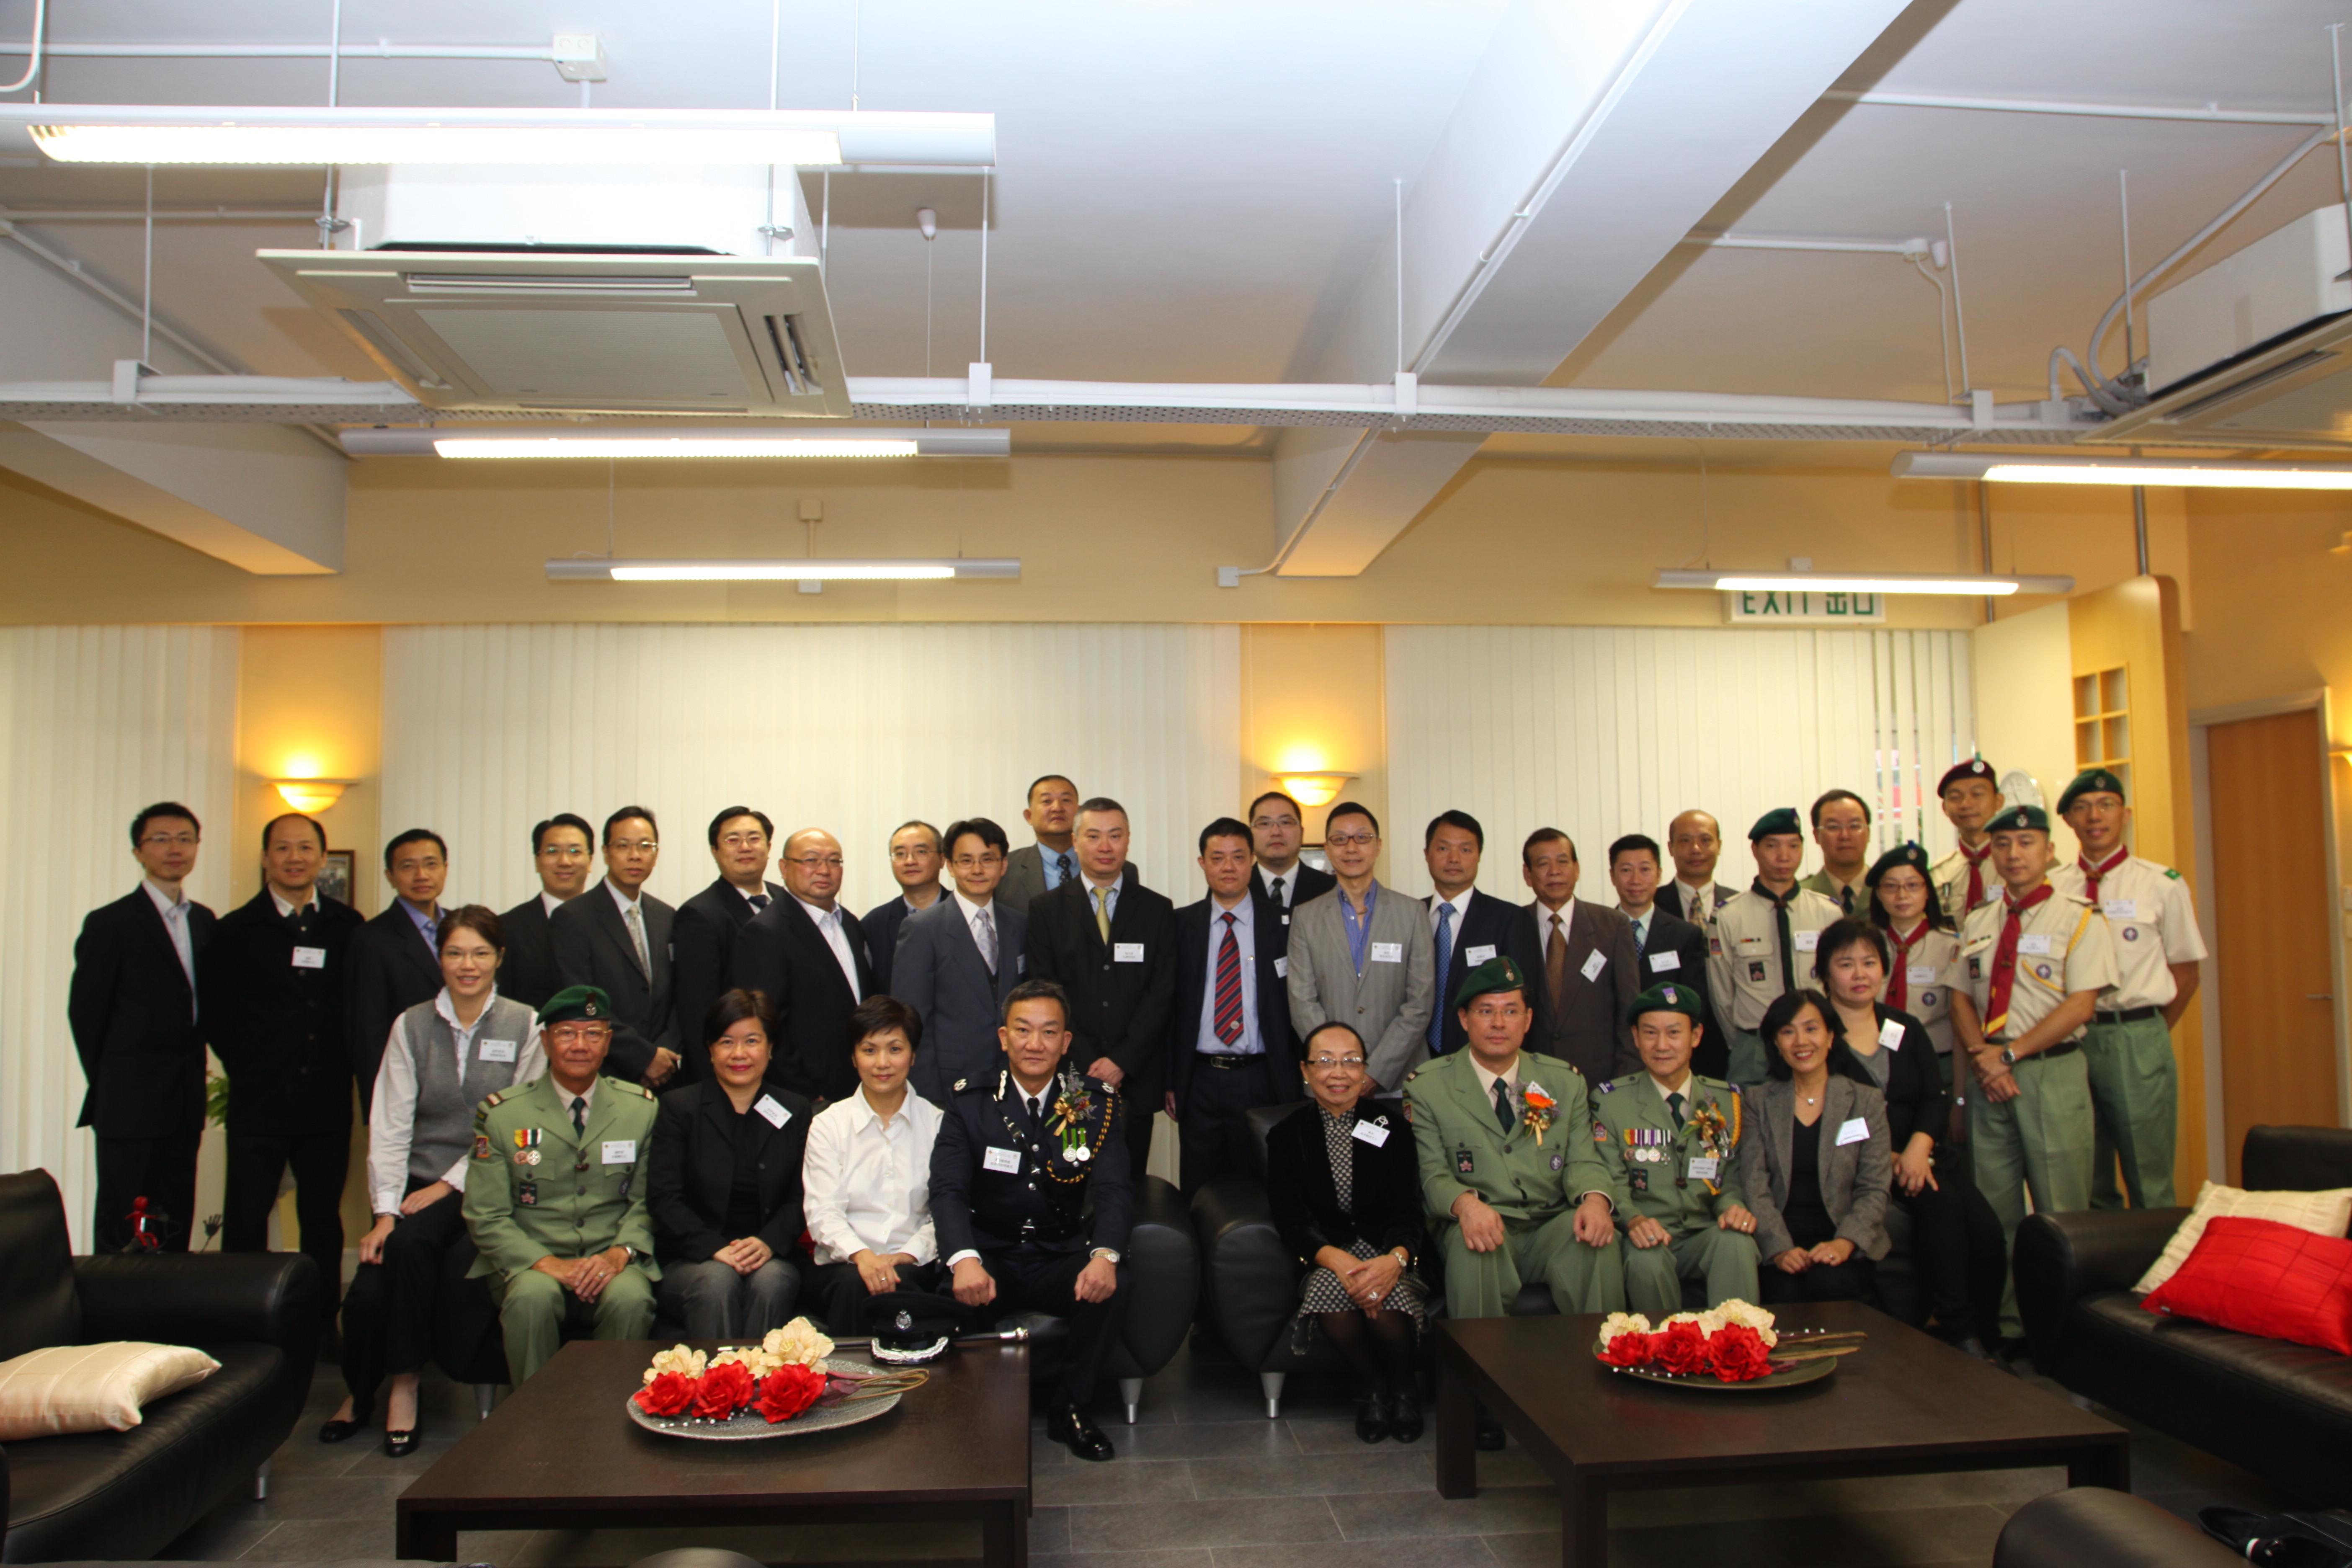 副 旅 长:林俊涛先生 旅团领袖:林伟文先生 林俊涛先生 曾建勋先生图片